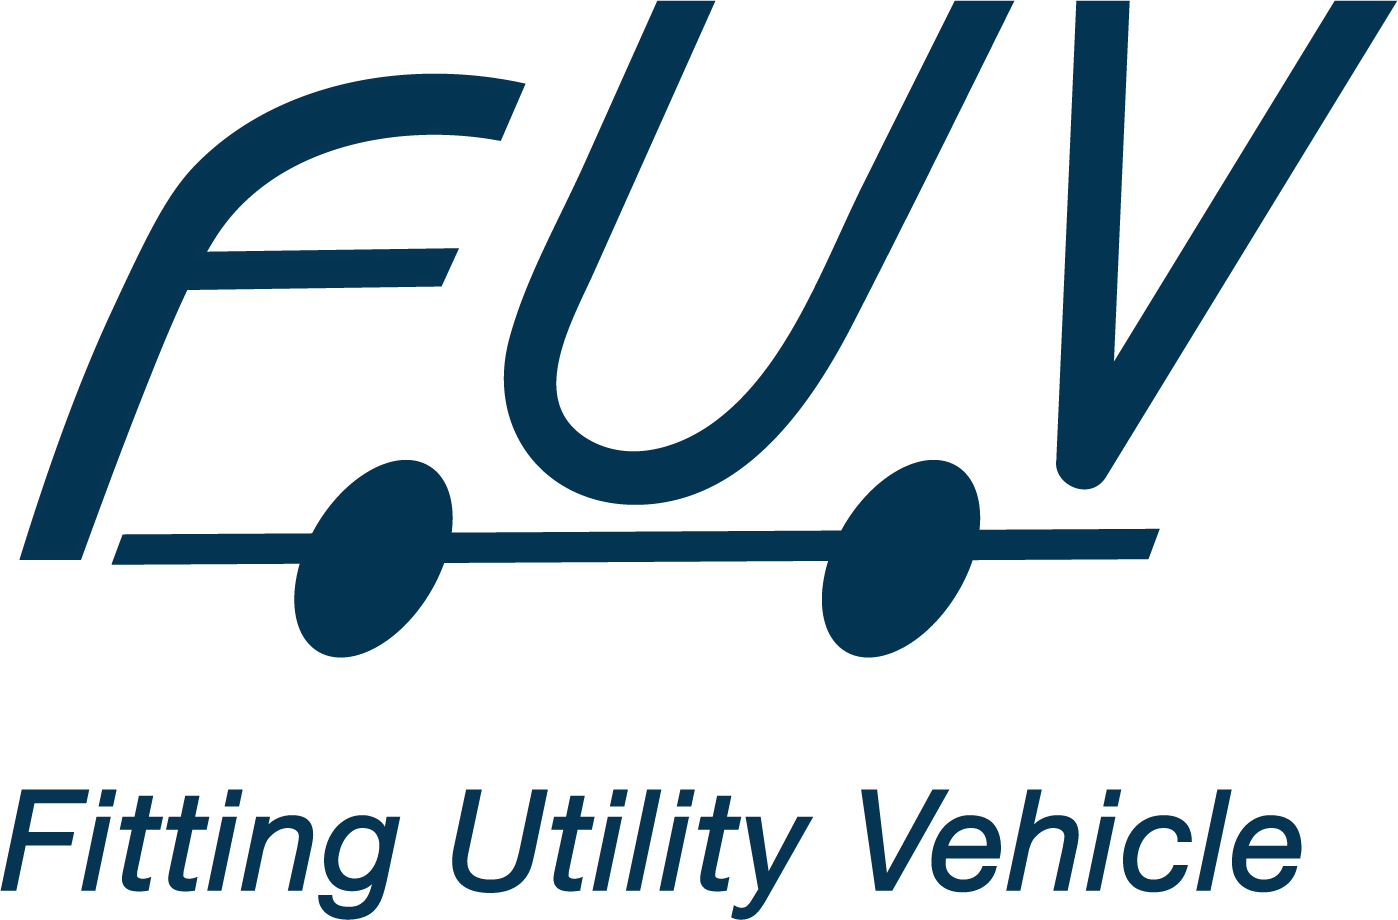 移動式多目的ルーム車 FUV【エフユーブイ】